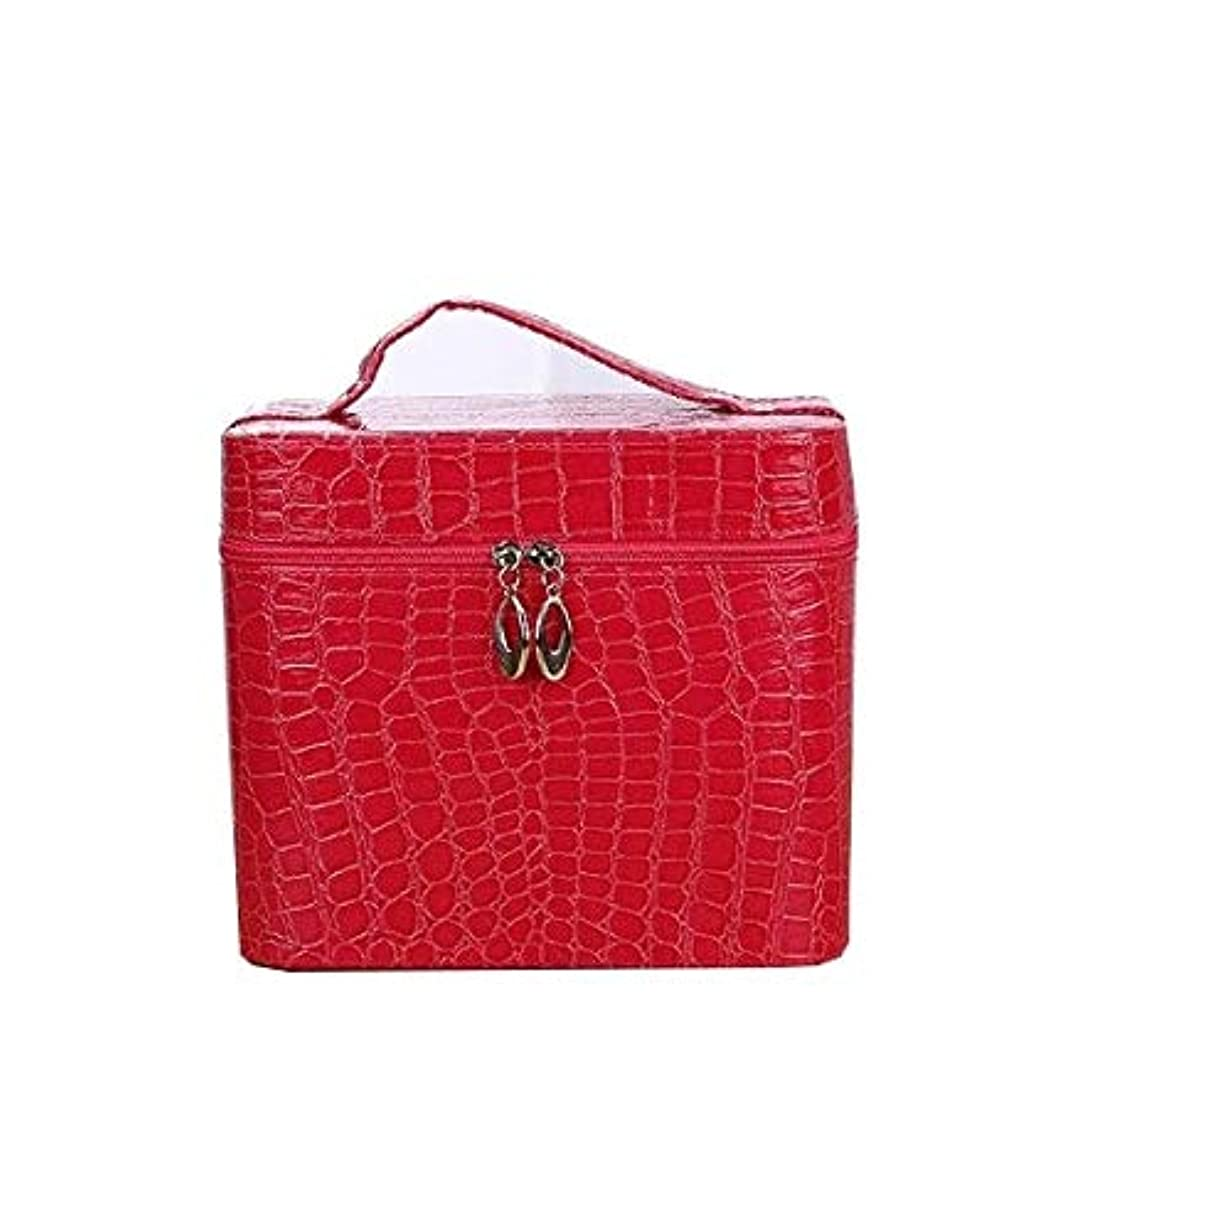 グラフ感嘆実証する化粧箱、赤、黒ワニ革ポータブル化粧品バッグ、ポータブルポータブル旅行化粧品ケース、美容ネイルジュエリー収納ボックス (Color : Red)